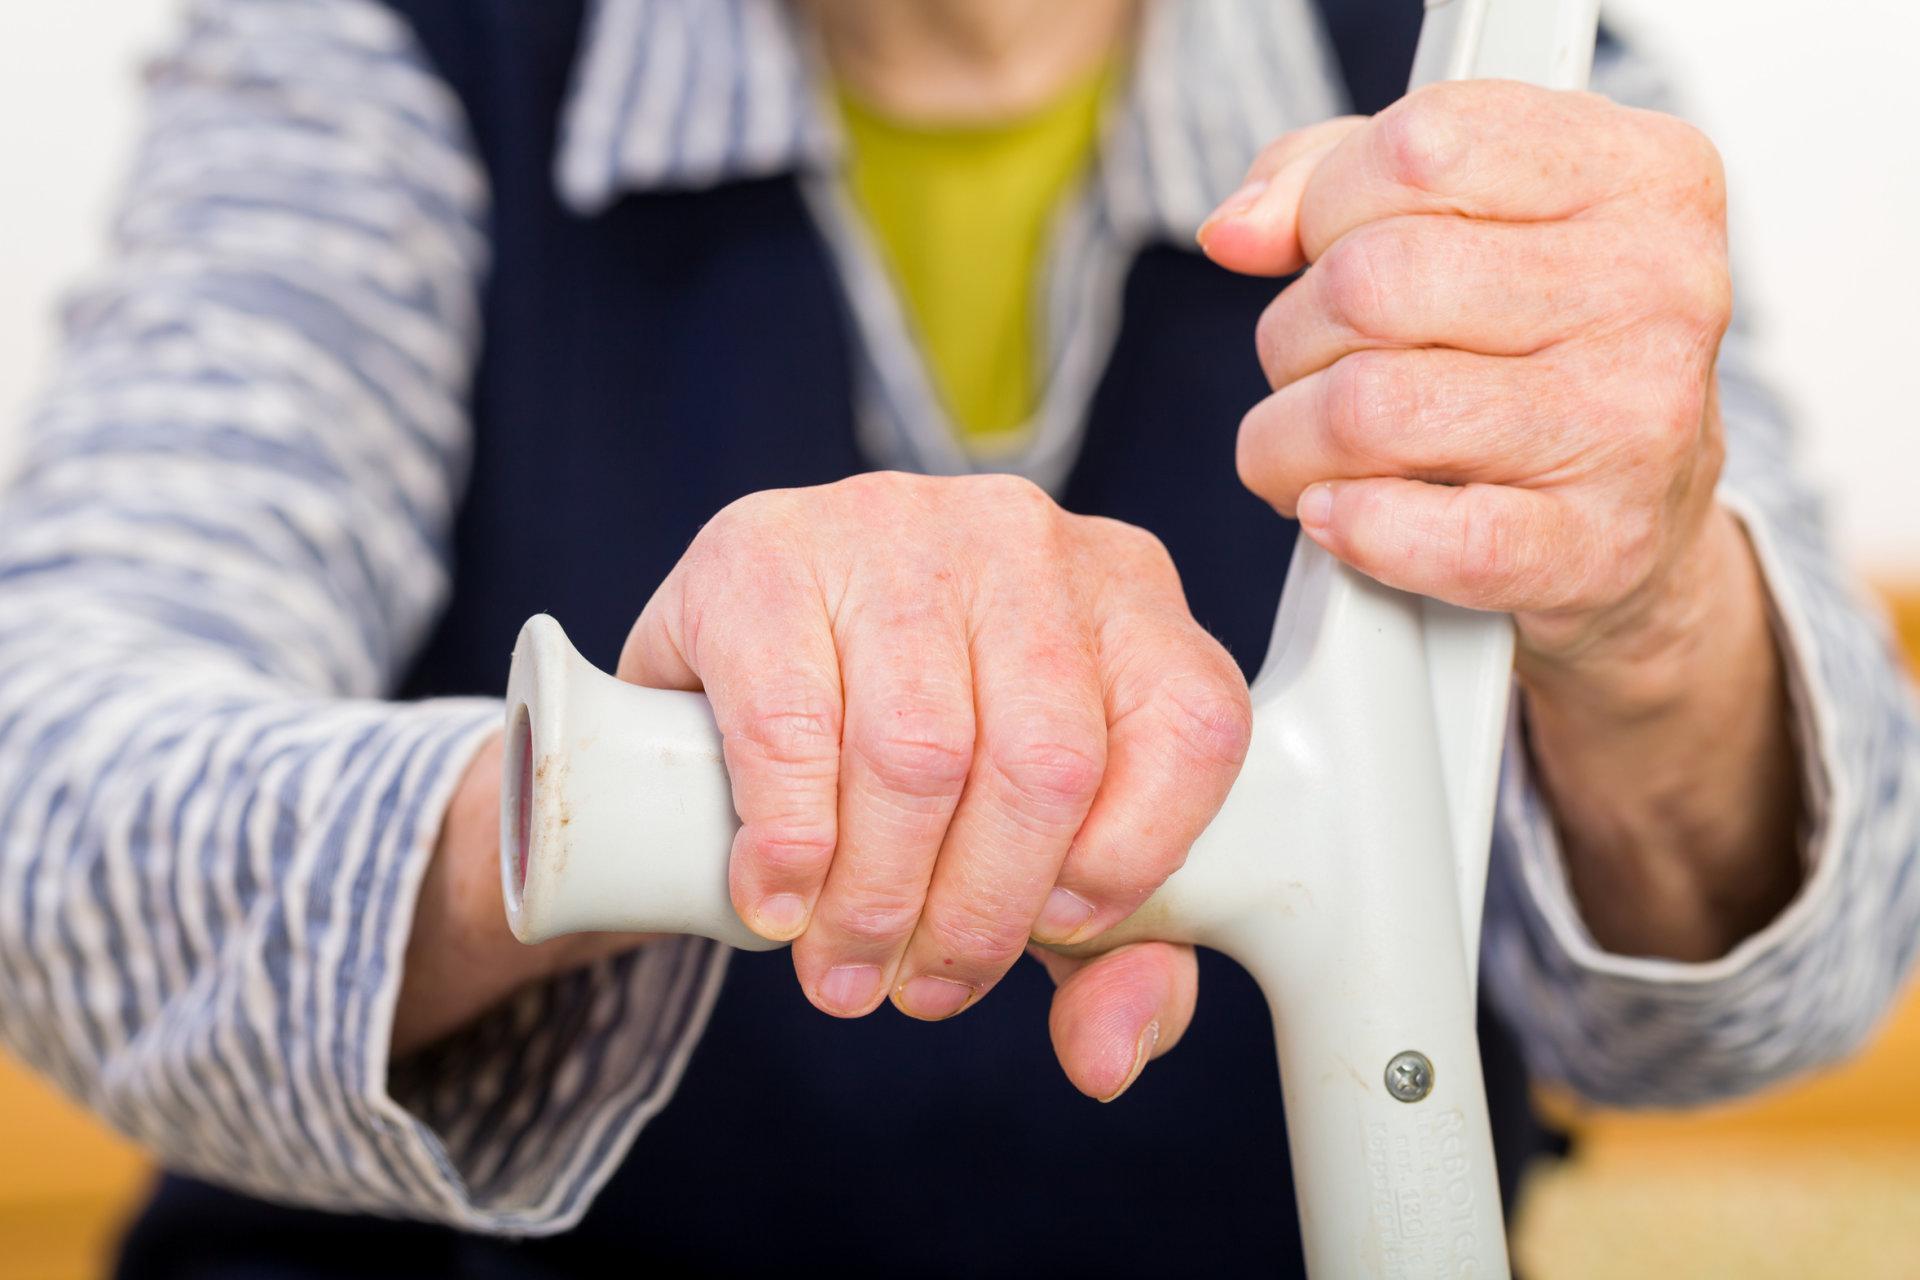 balzamas-užtepsite ir sąnarių skausmas ir apatinės nugaros atšilimo gydymas bendros informacijos atskleidimo